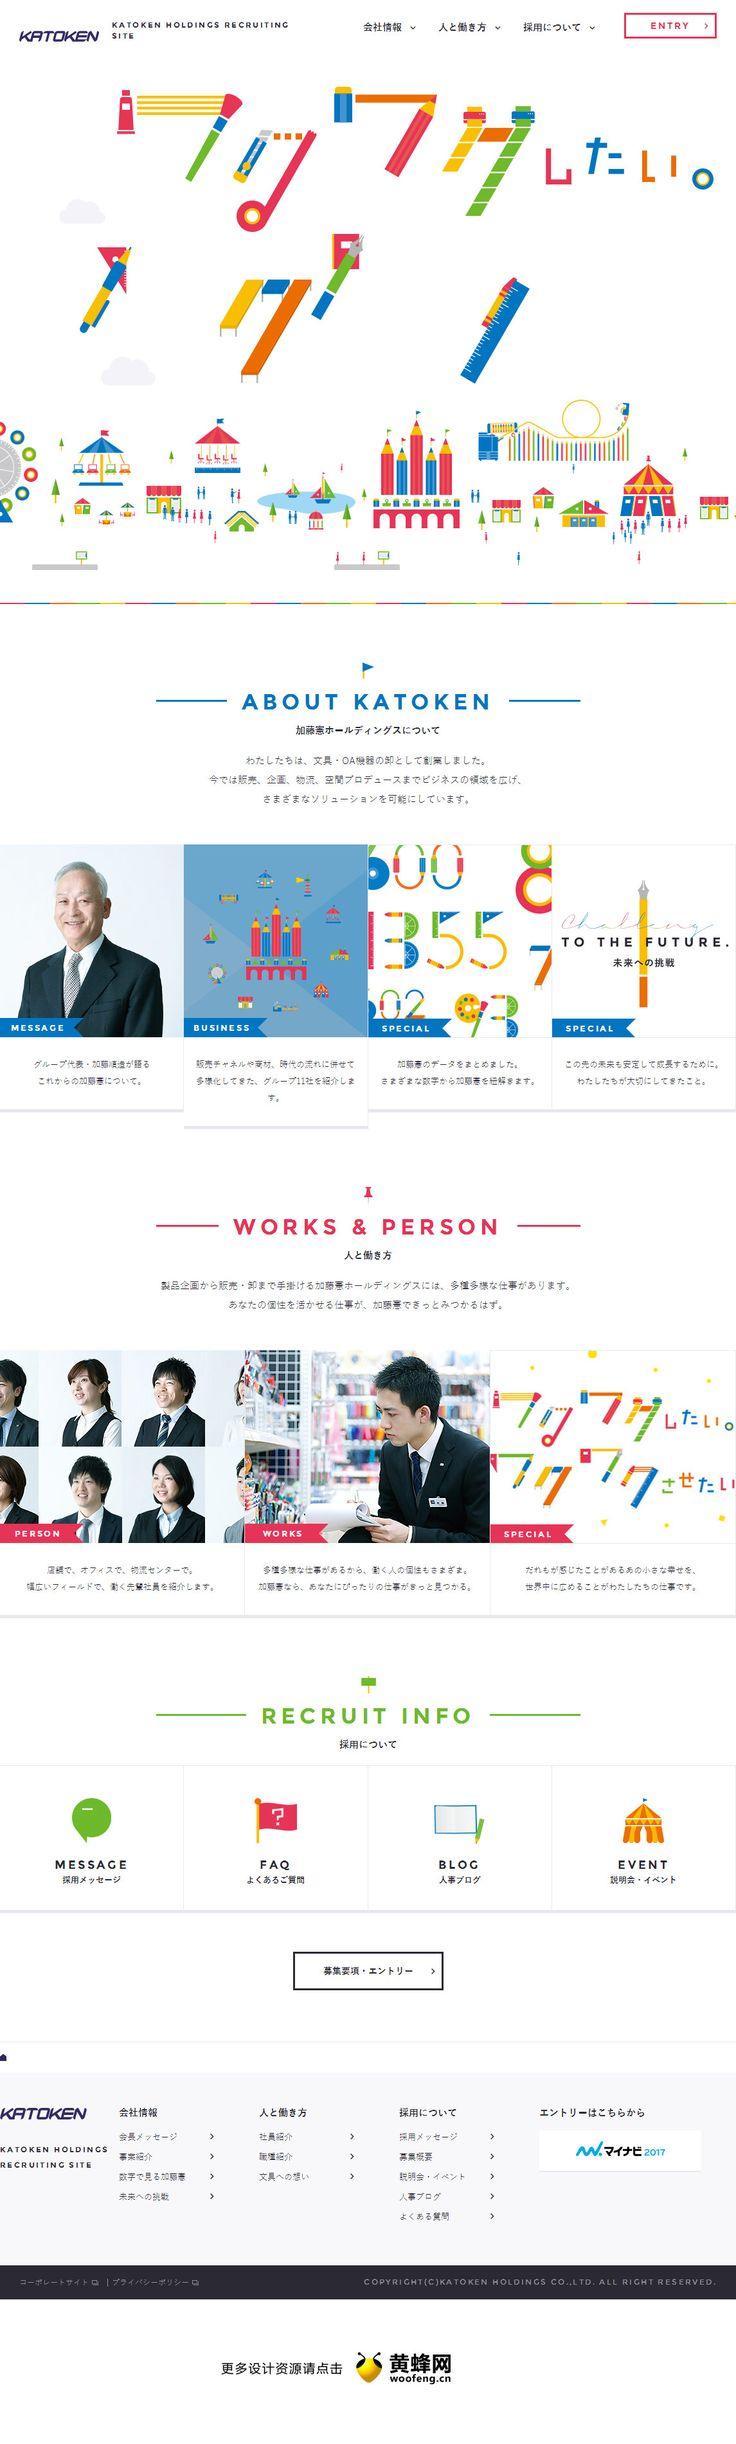 肯加藤控股有限公司2017年新毕业生招聘网站,来源自黄蜂网http://woofeng.cn/